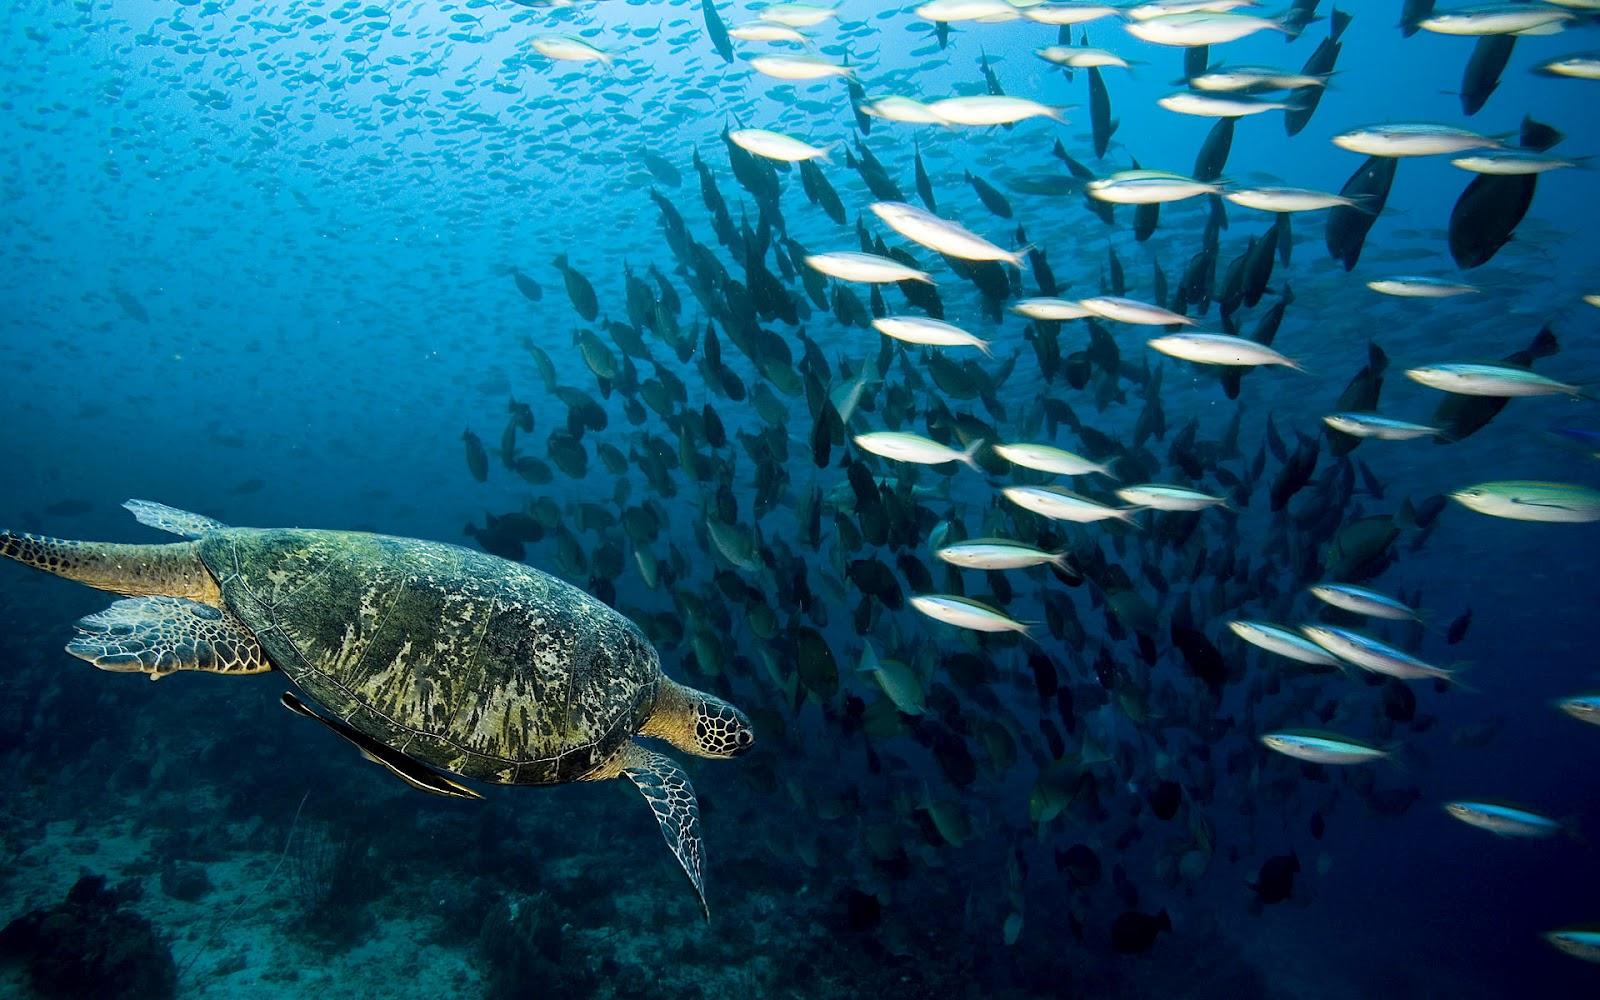 Onderwater foto met school vissen en een schildpad onderwater foto